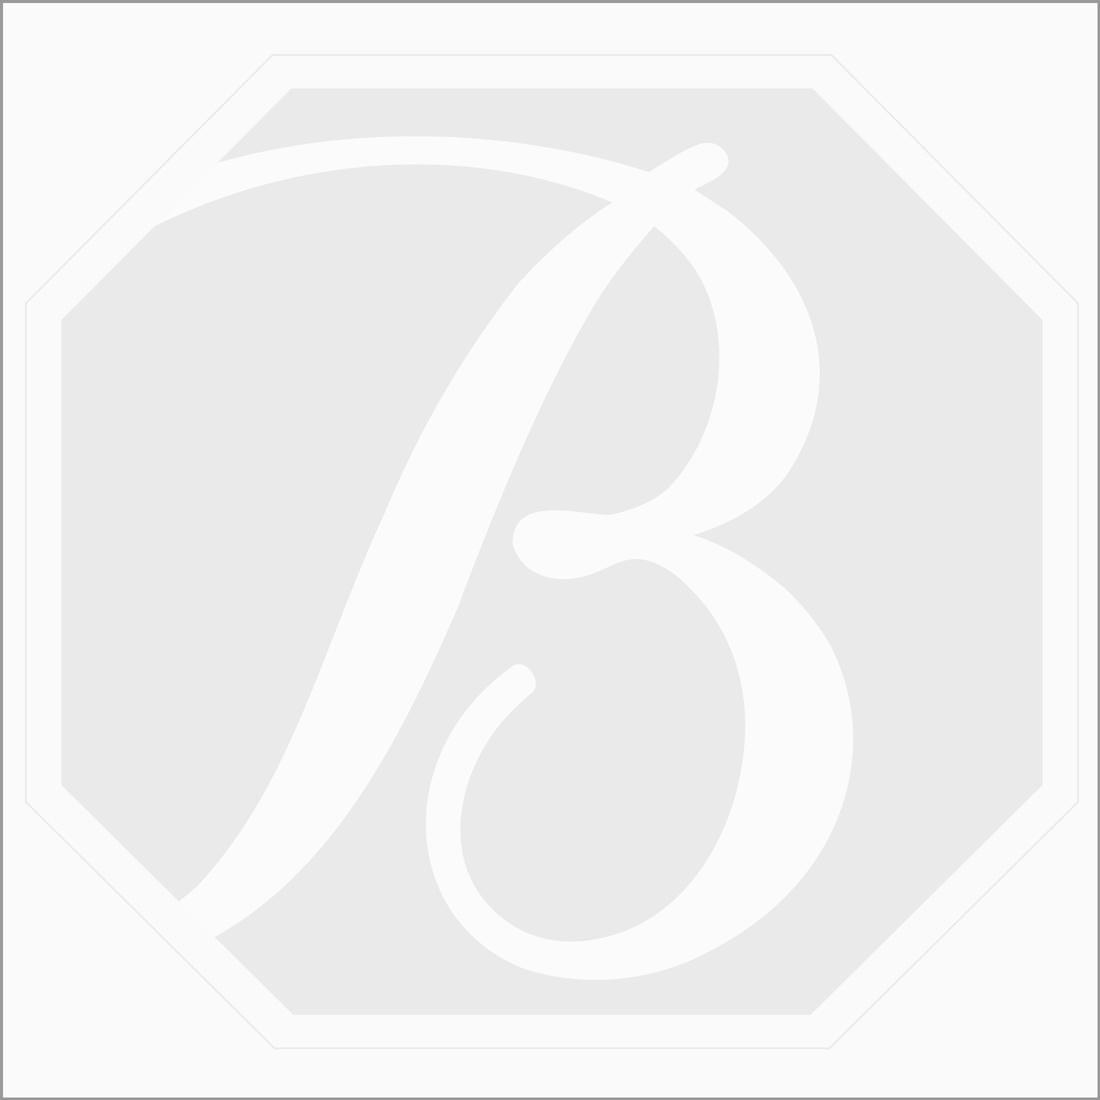 8.10 x 6.20 x 4.50 mm - Dark Maroon Pear Shaped Rose Cut Diamond  - 5.78 carats (FncyDiaRC1120)